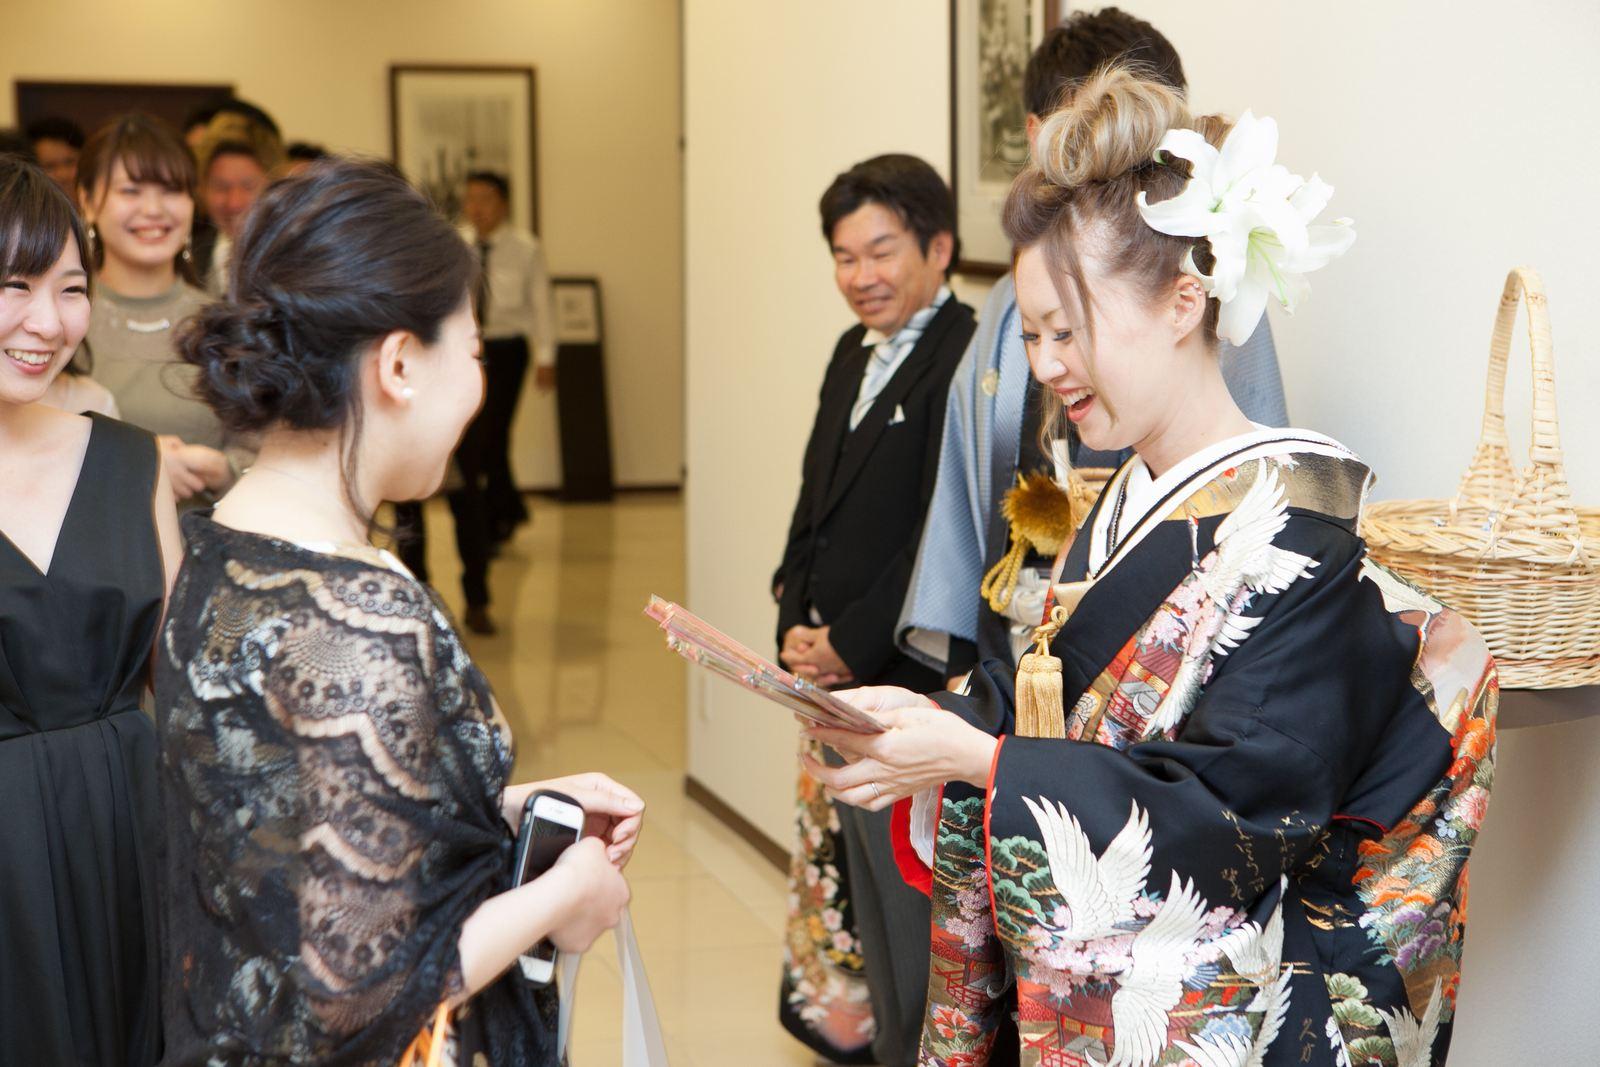 徳島市の結婚式場ブランアンジュで新郎新婦様からゲスト全員に感謝のメッセージと共にプチギフトを手渡し